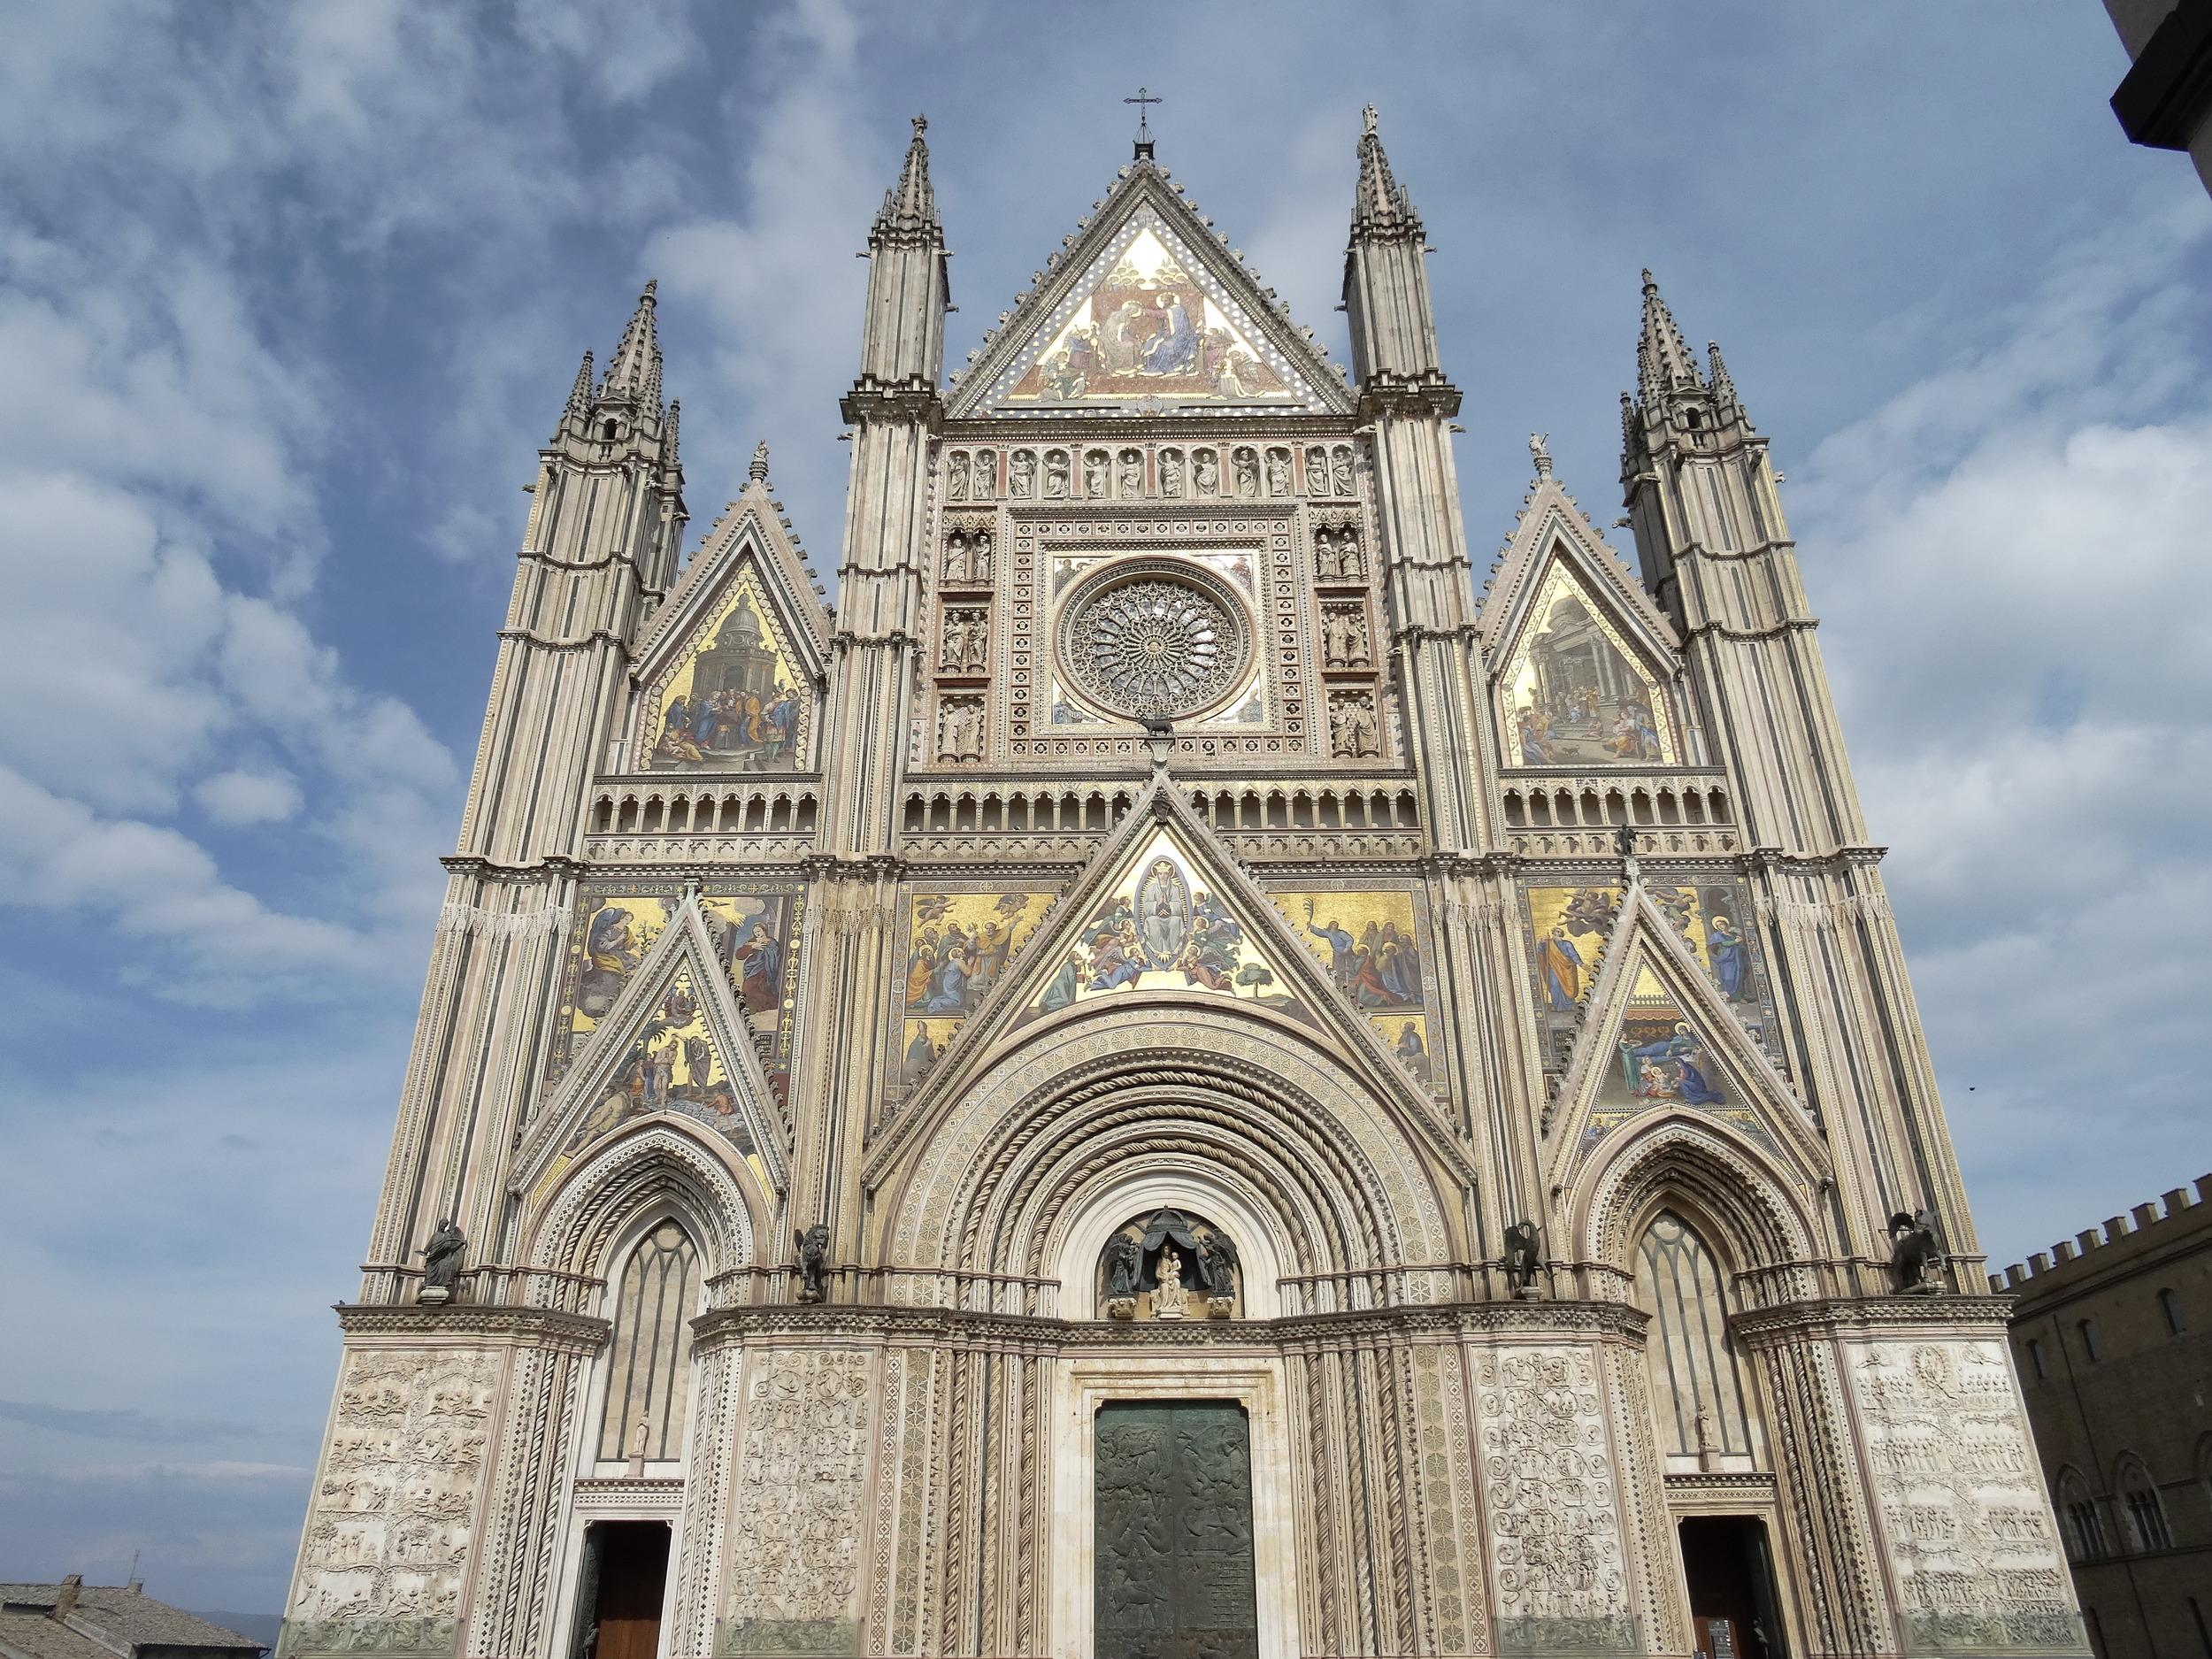 Facciata_del_Duomo_di_Orvieto.JPG